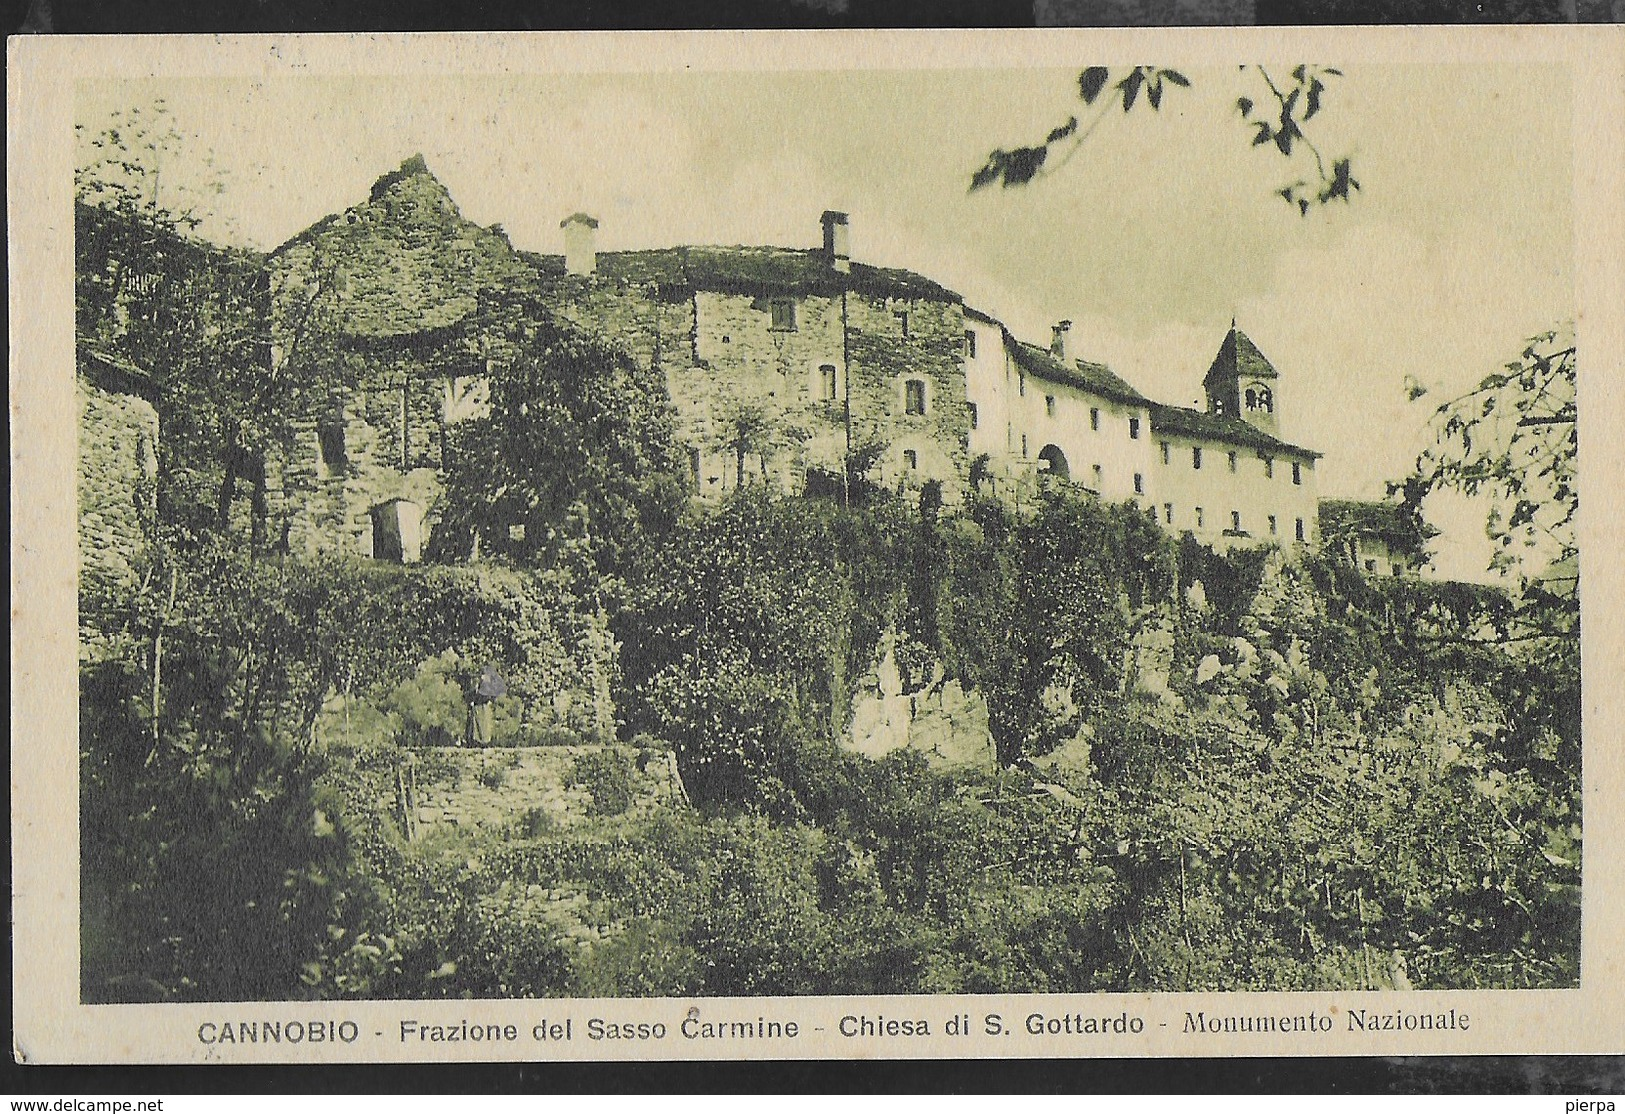 PIEMONTE - CANNOBIO - CHIESA DI S.GOTTARDO - FORMATO PICCOLO - VIAGGIATA 1957 - Italie